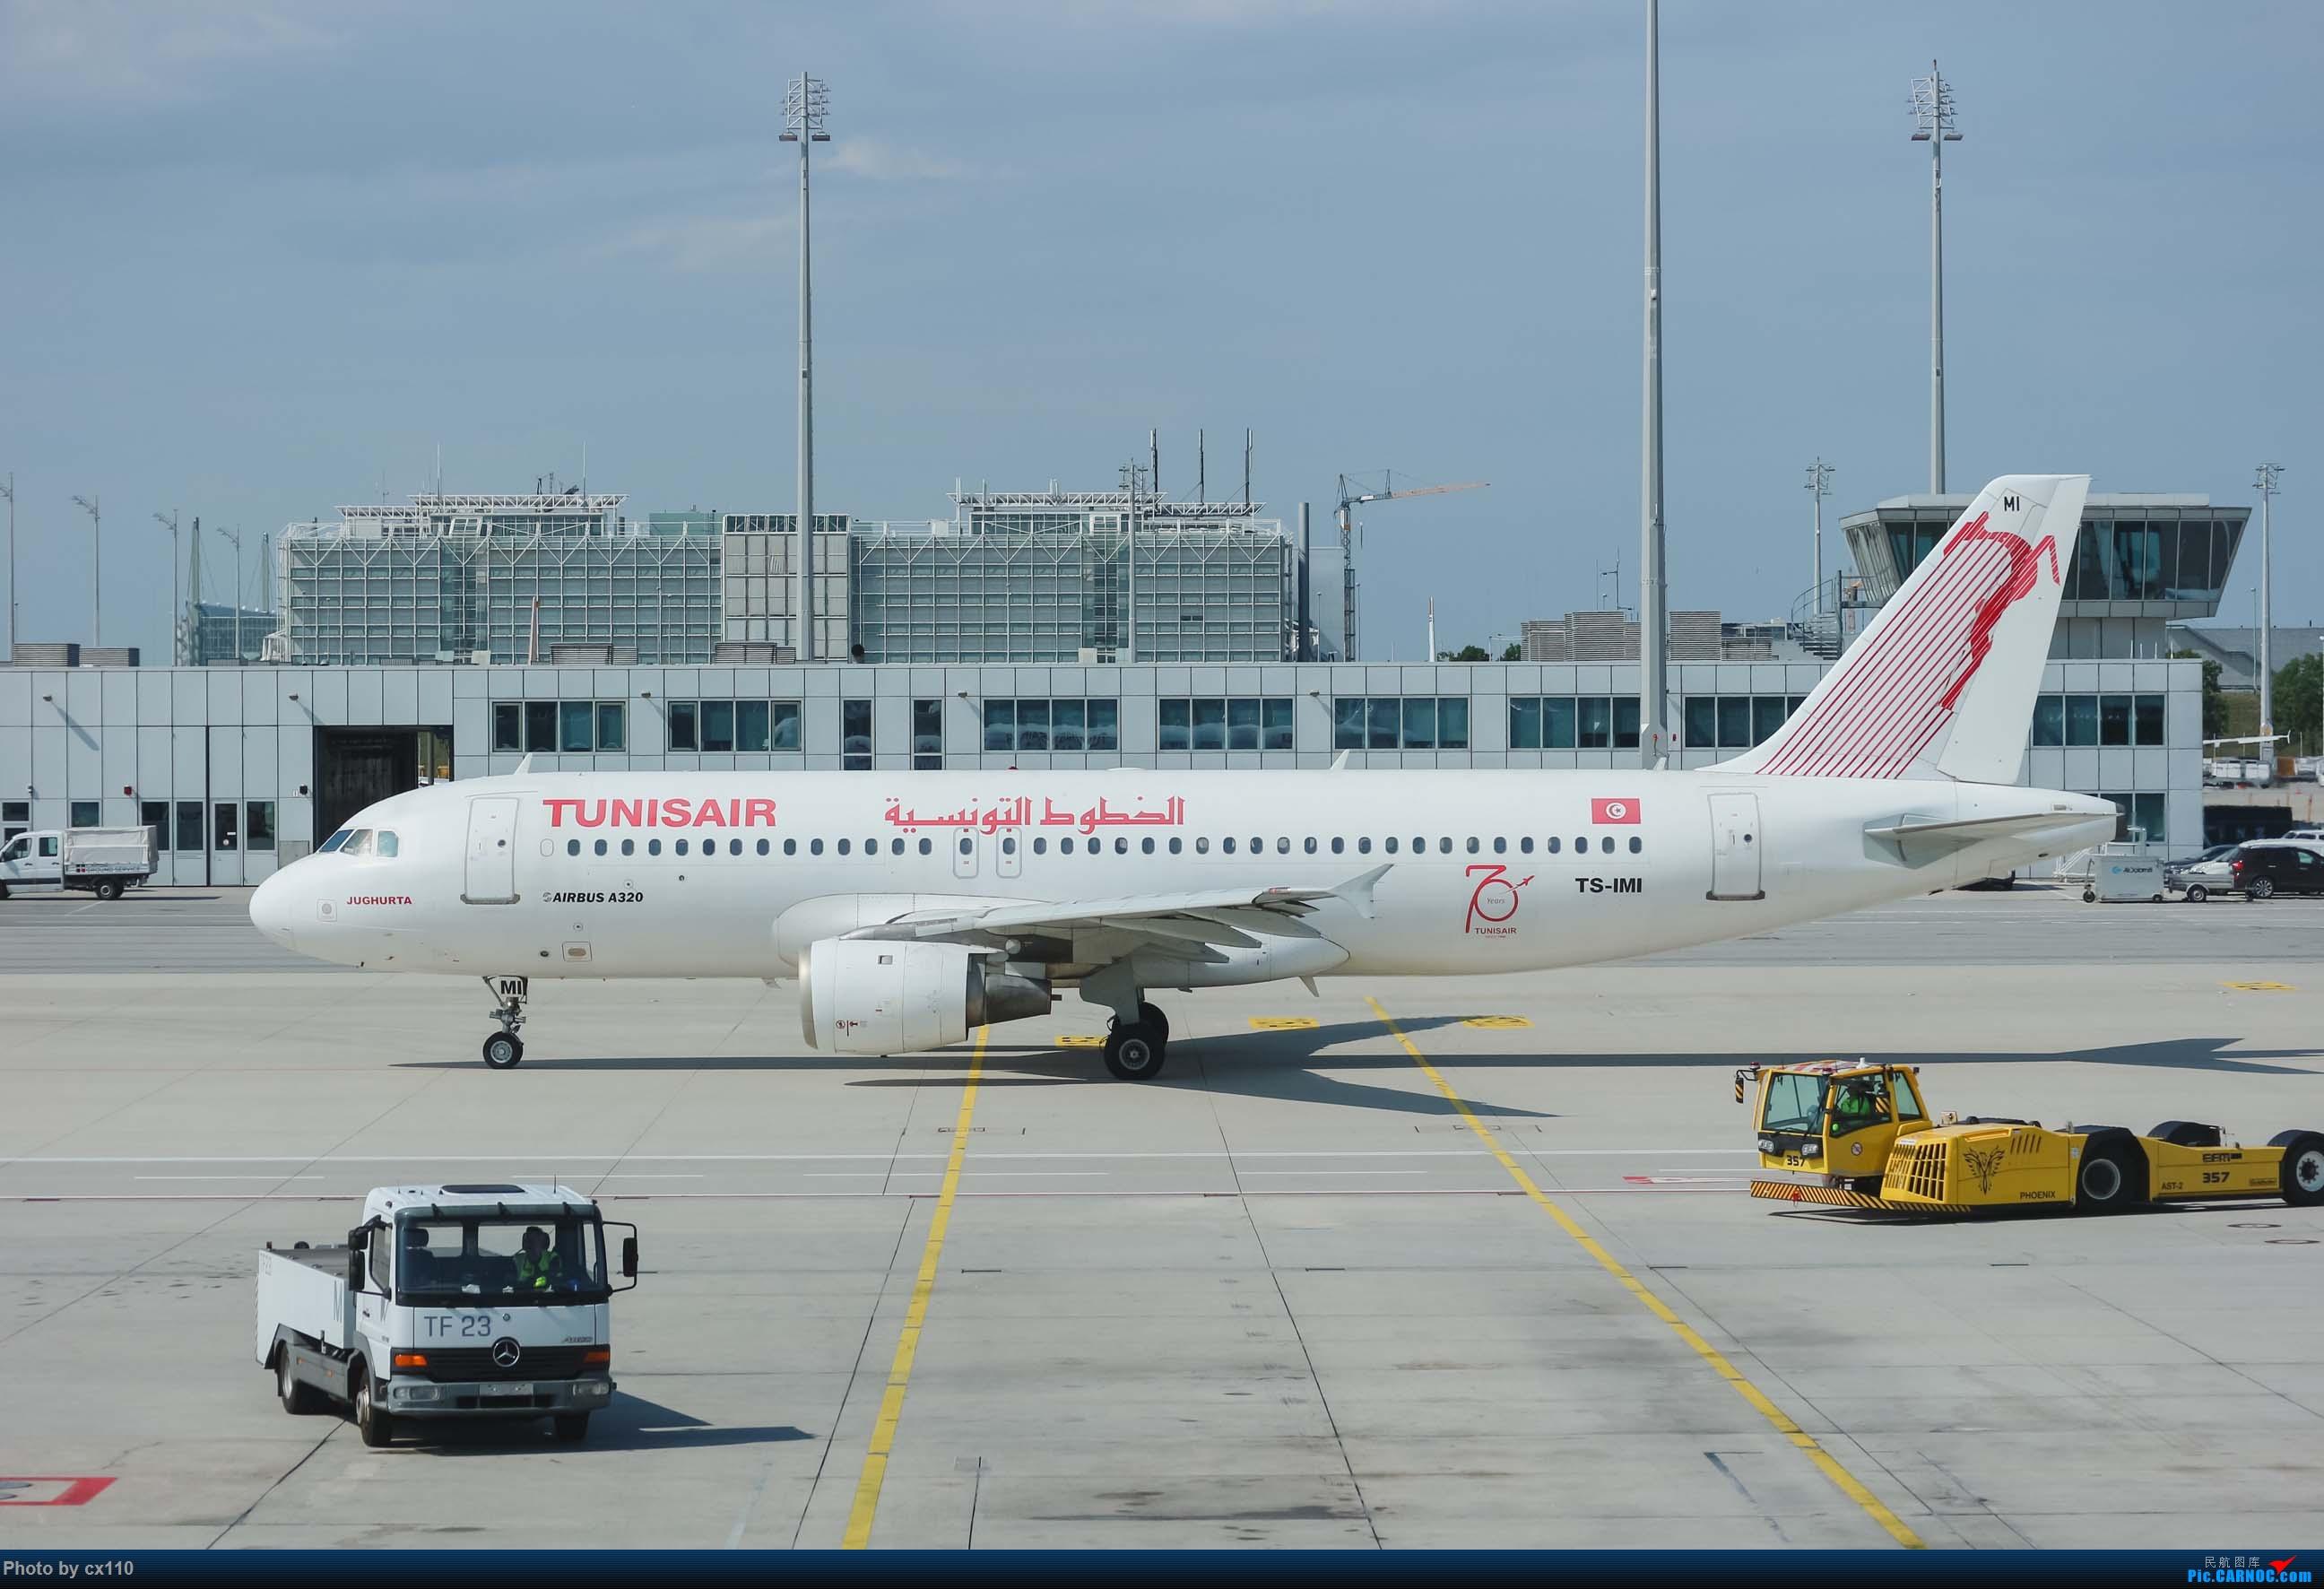 Re:[原创]欧洲机场拍机记-柏林/赫尔辛基/布拉格 AIRBUS A320-200 TS-IMI 德国慕尼黑机场